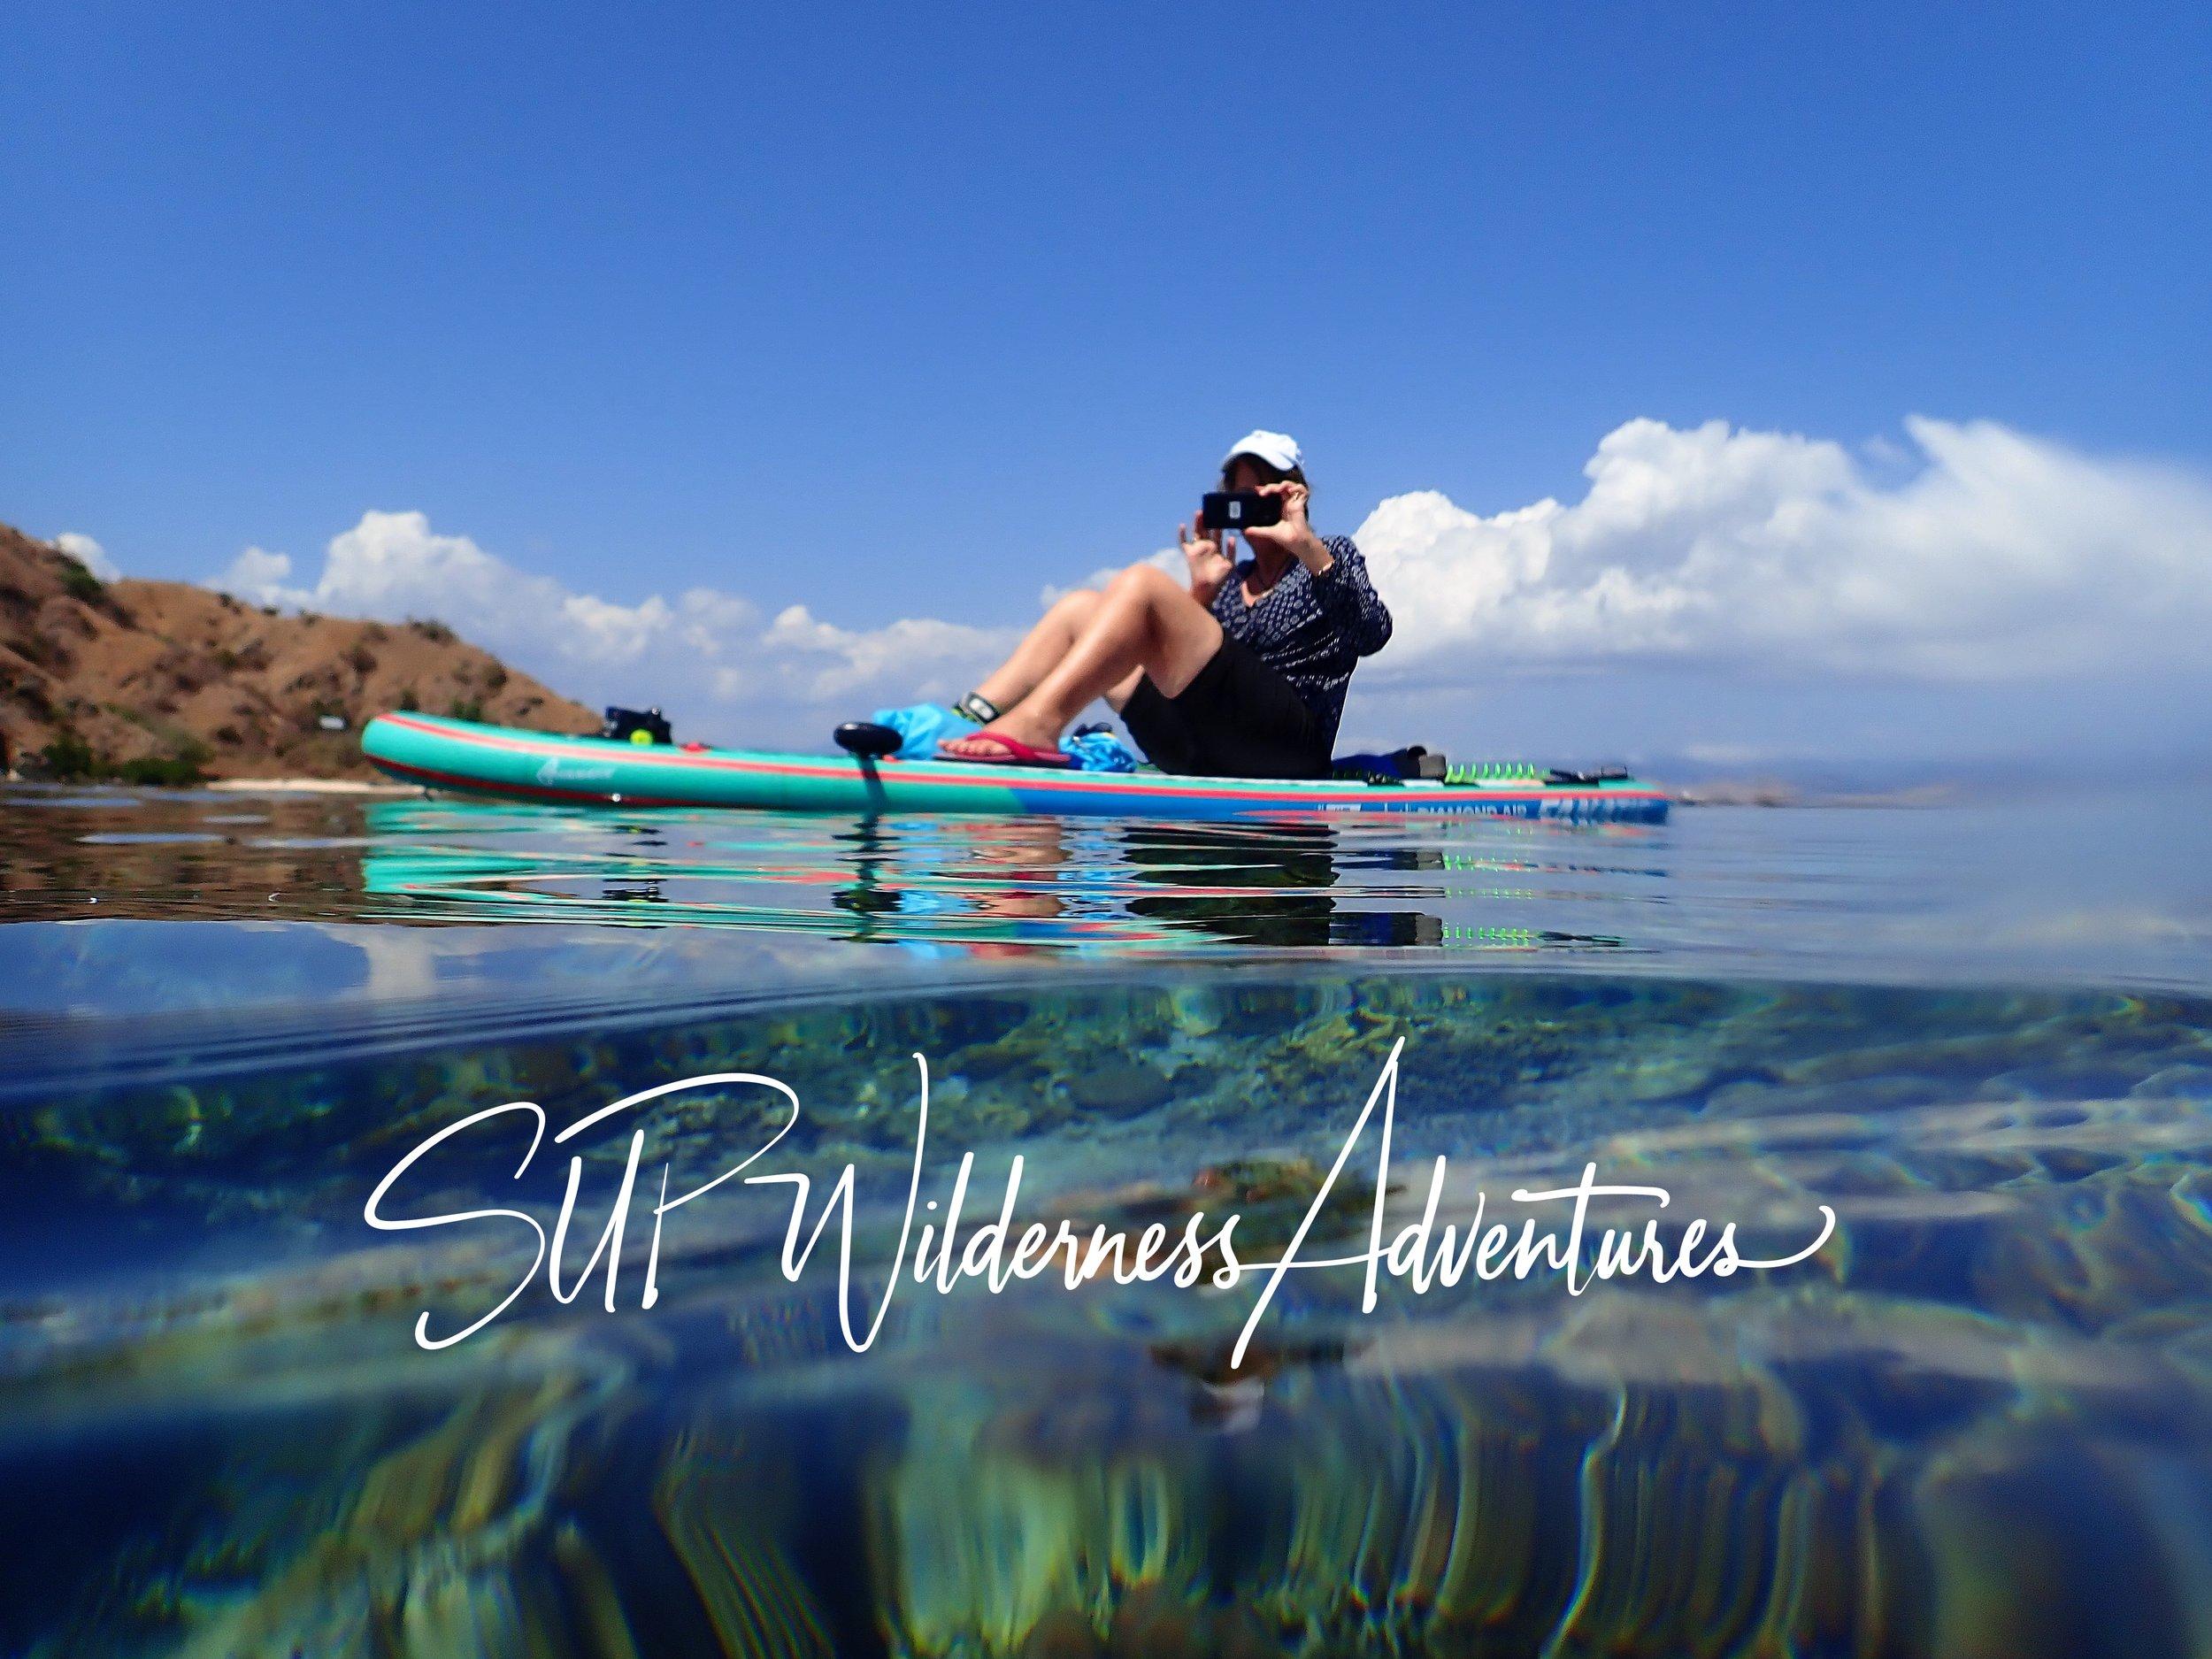 SUP Wldermess Adventures paddling Komodo 2018 (7).jpg